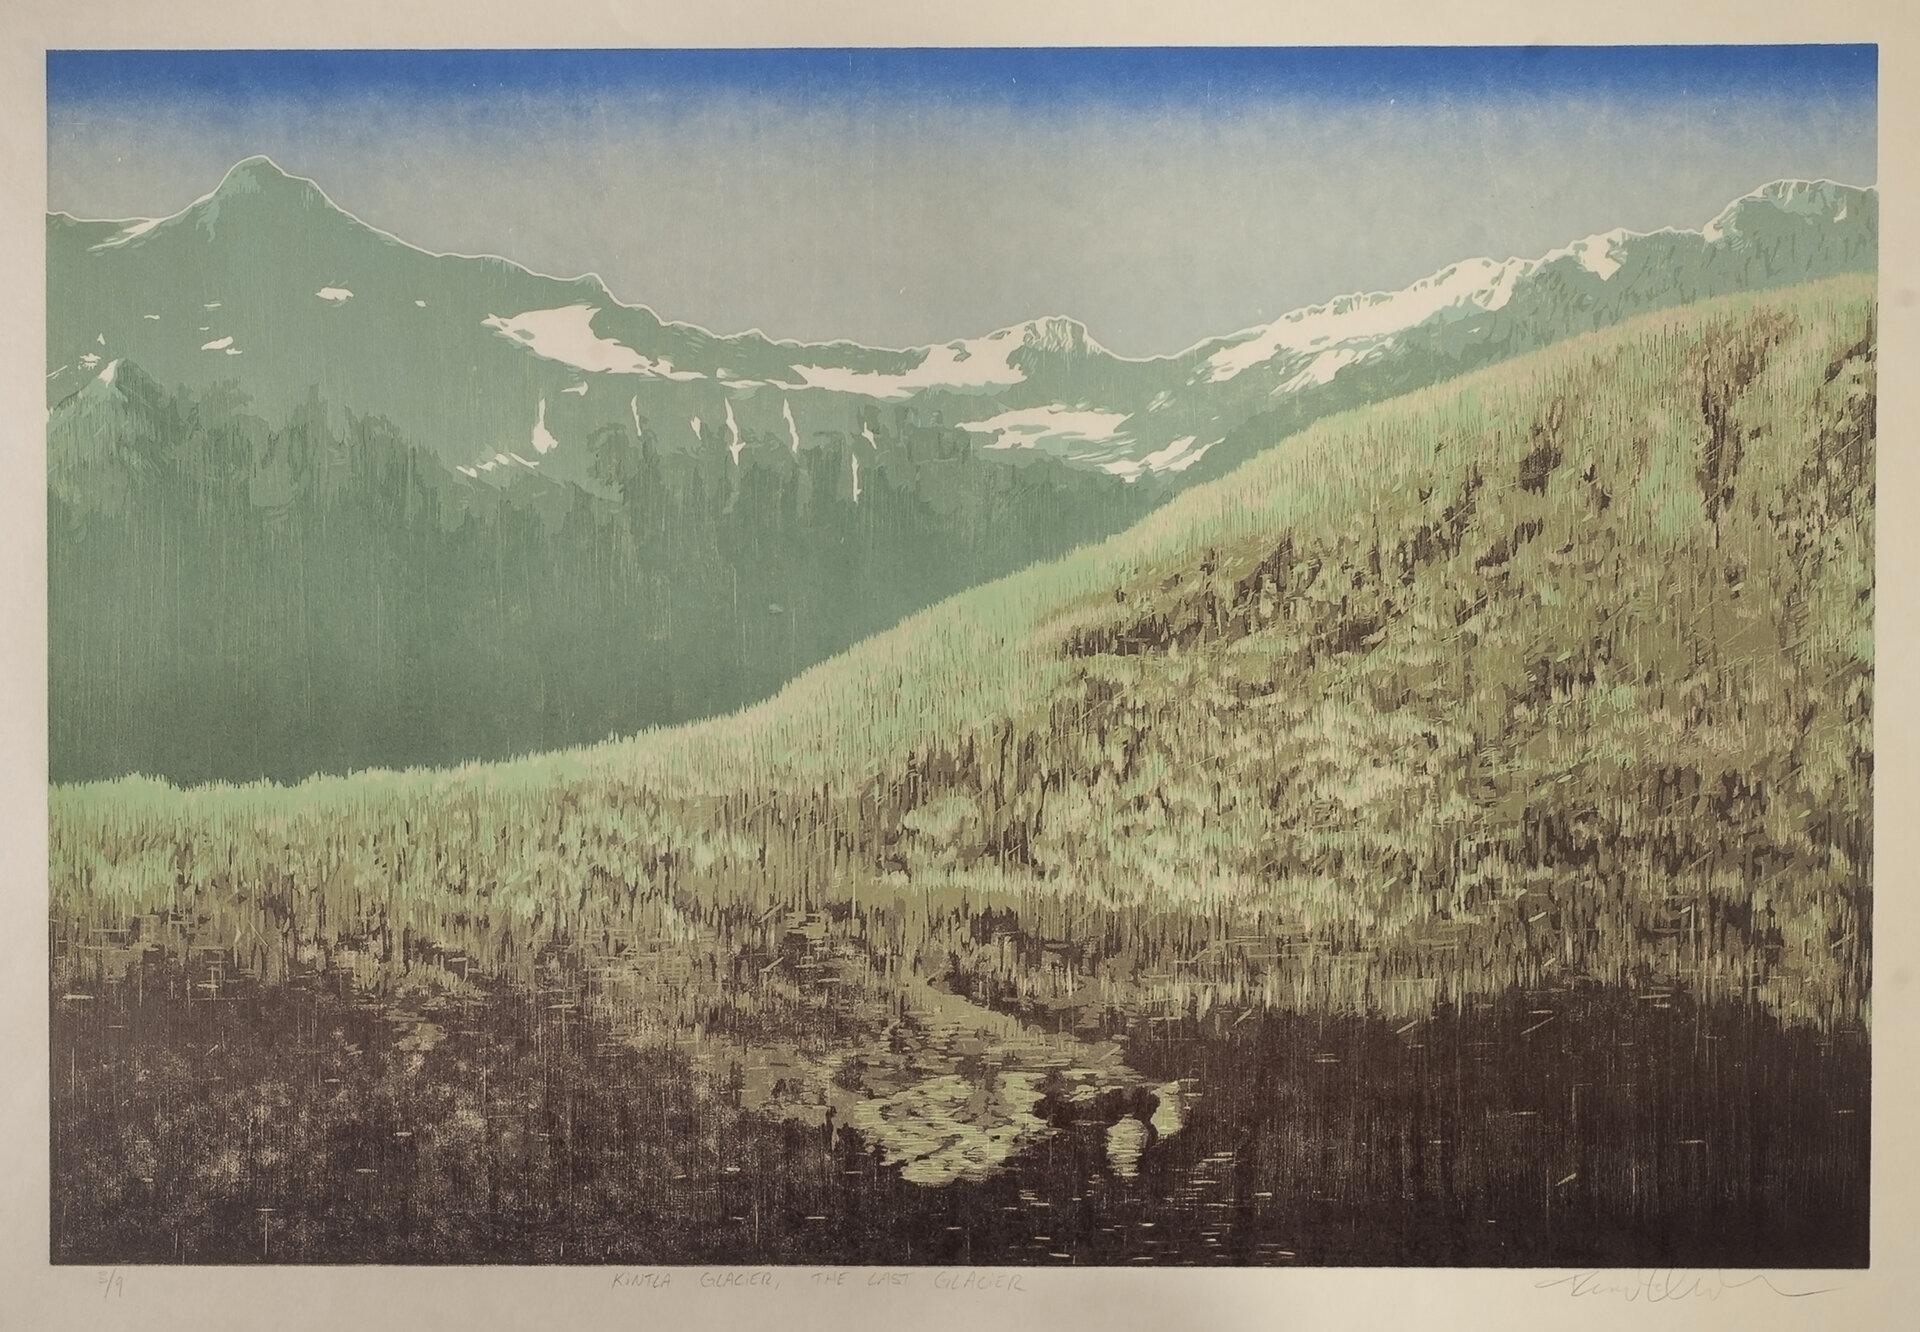 Kintla Glacier